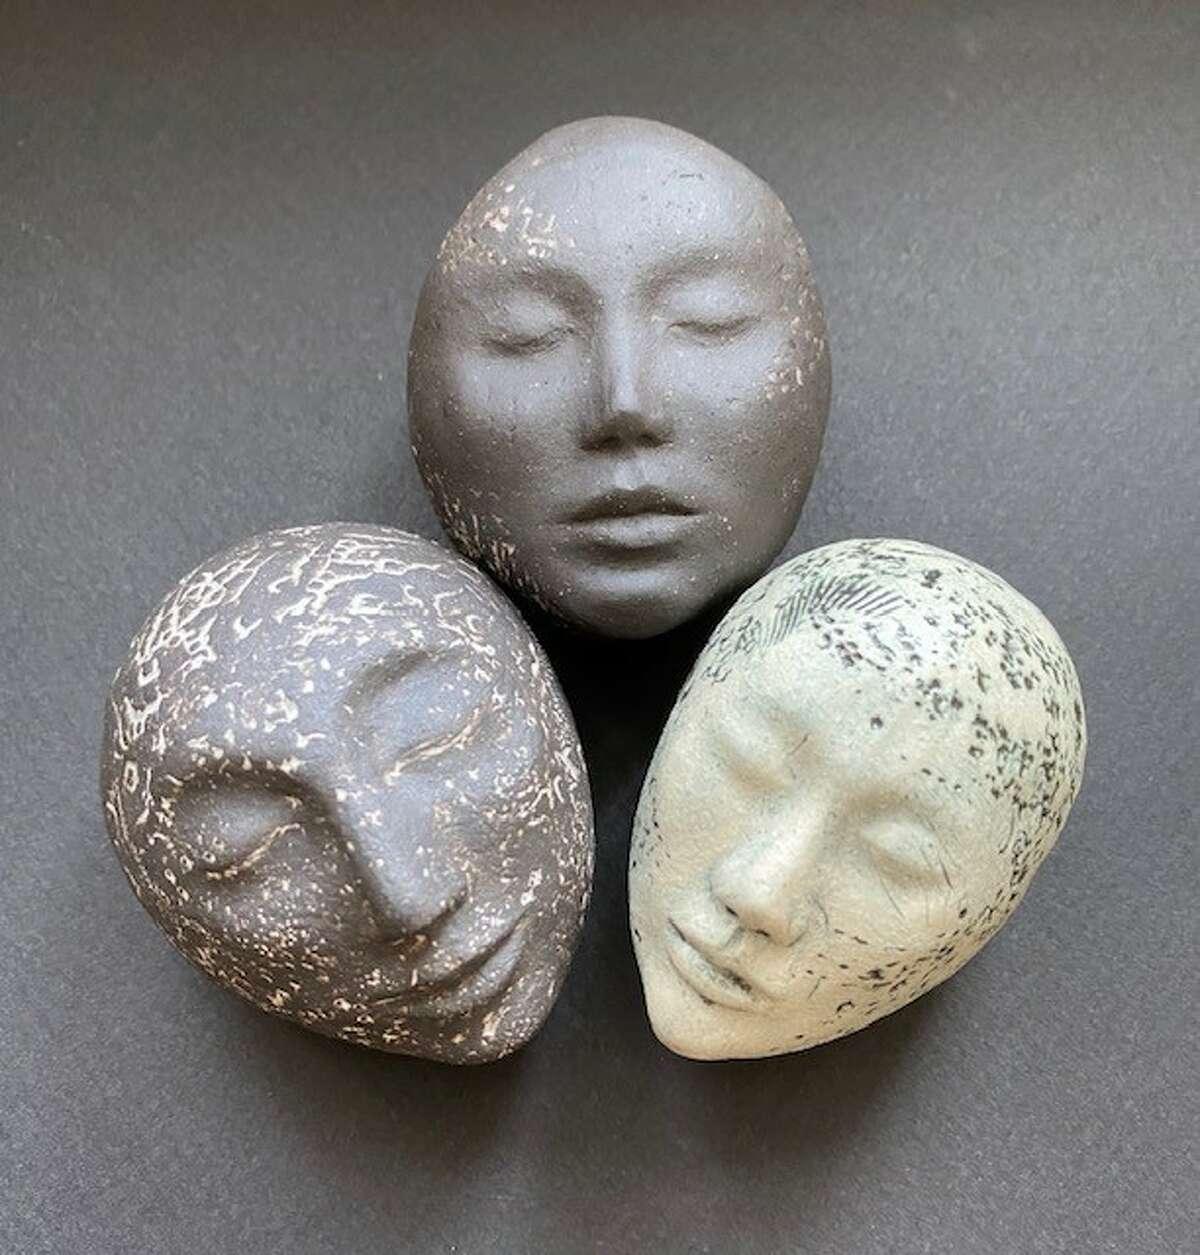 Facial ROCKognition by Linda Bacon